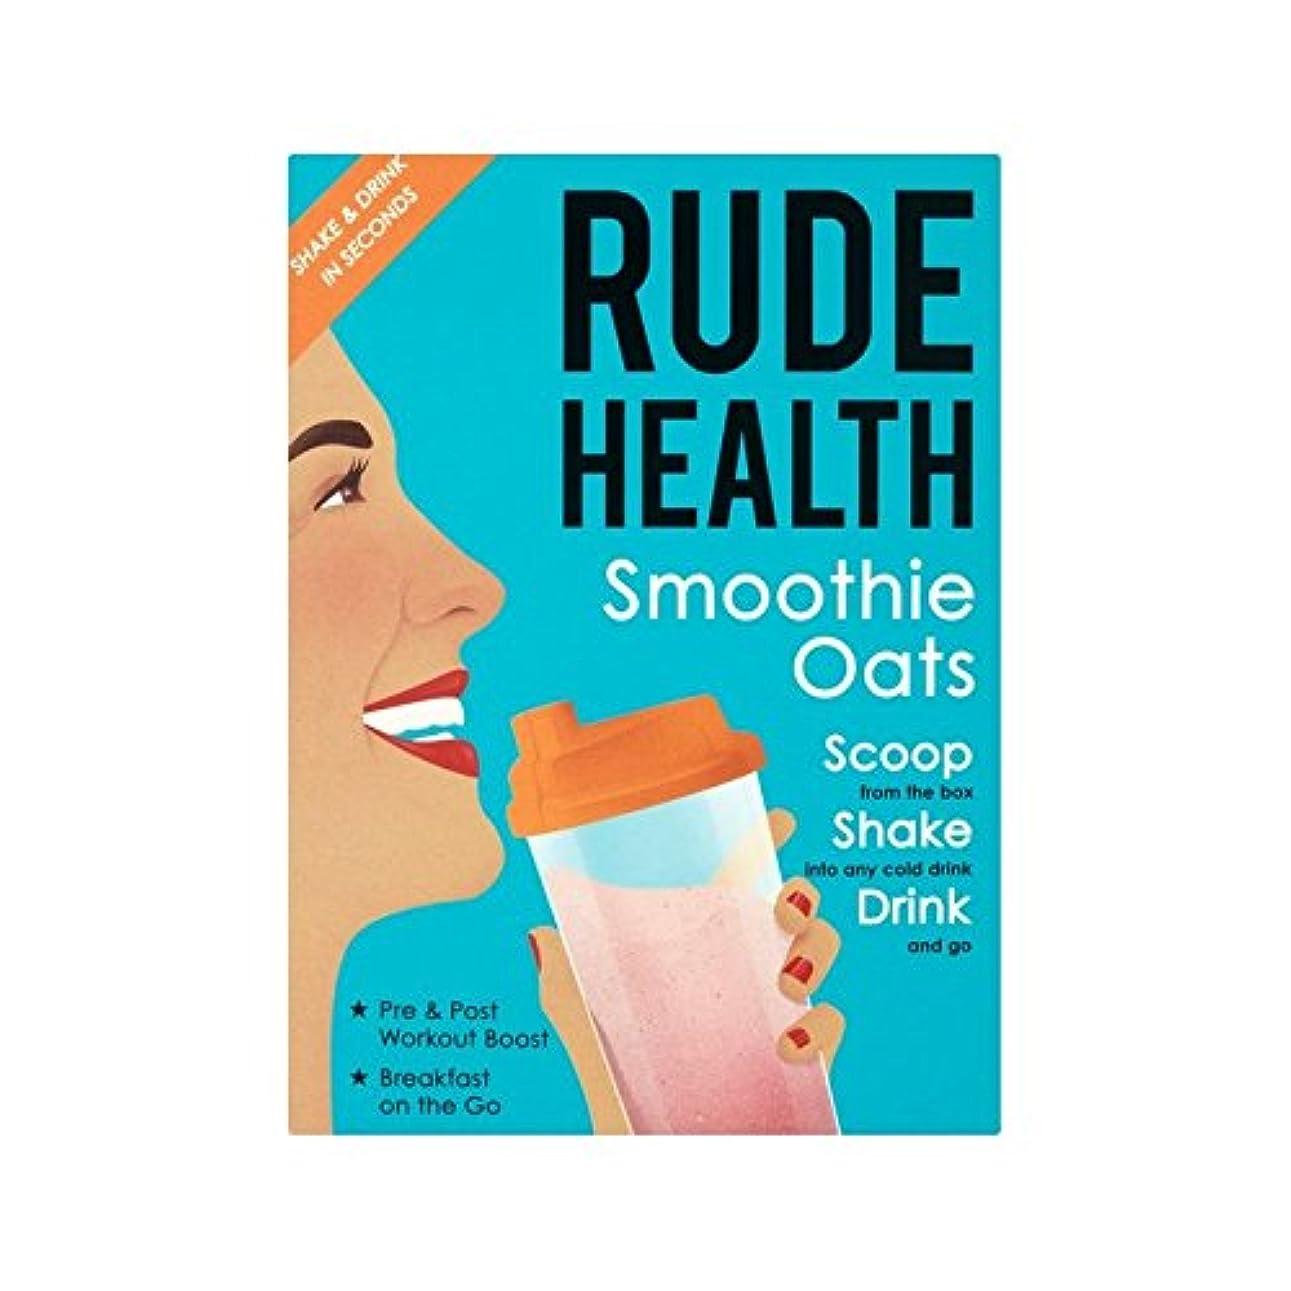 軽同封する眼スムージーオート麦250グラム (Rude Health) (x 2) - Rude Health Smoothie Oats 250g (Pack of 2) [並行輸入品]